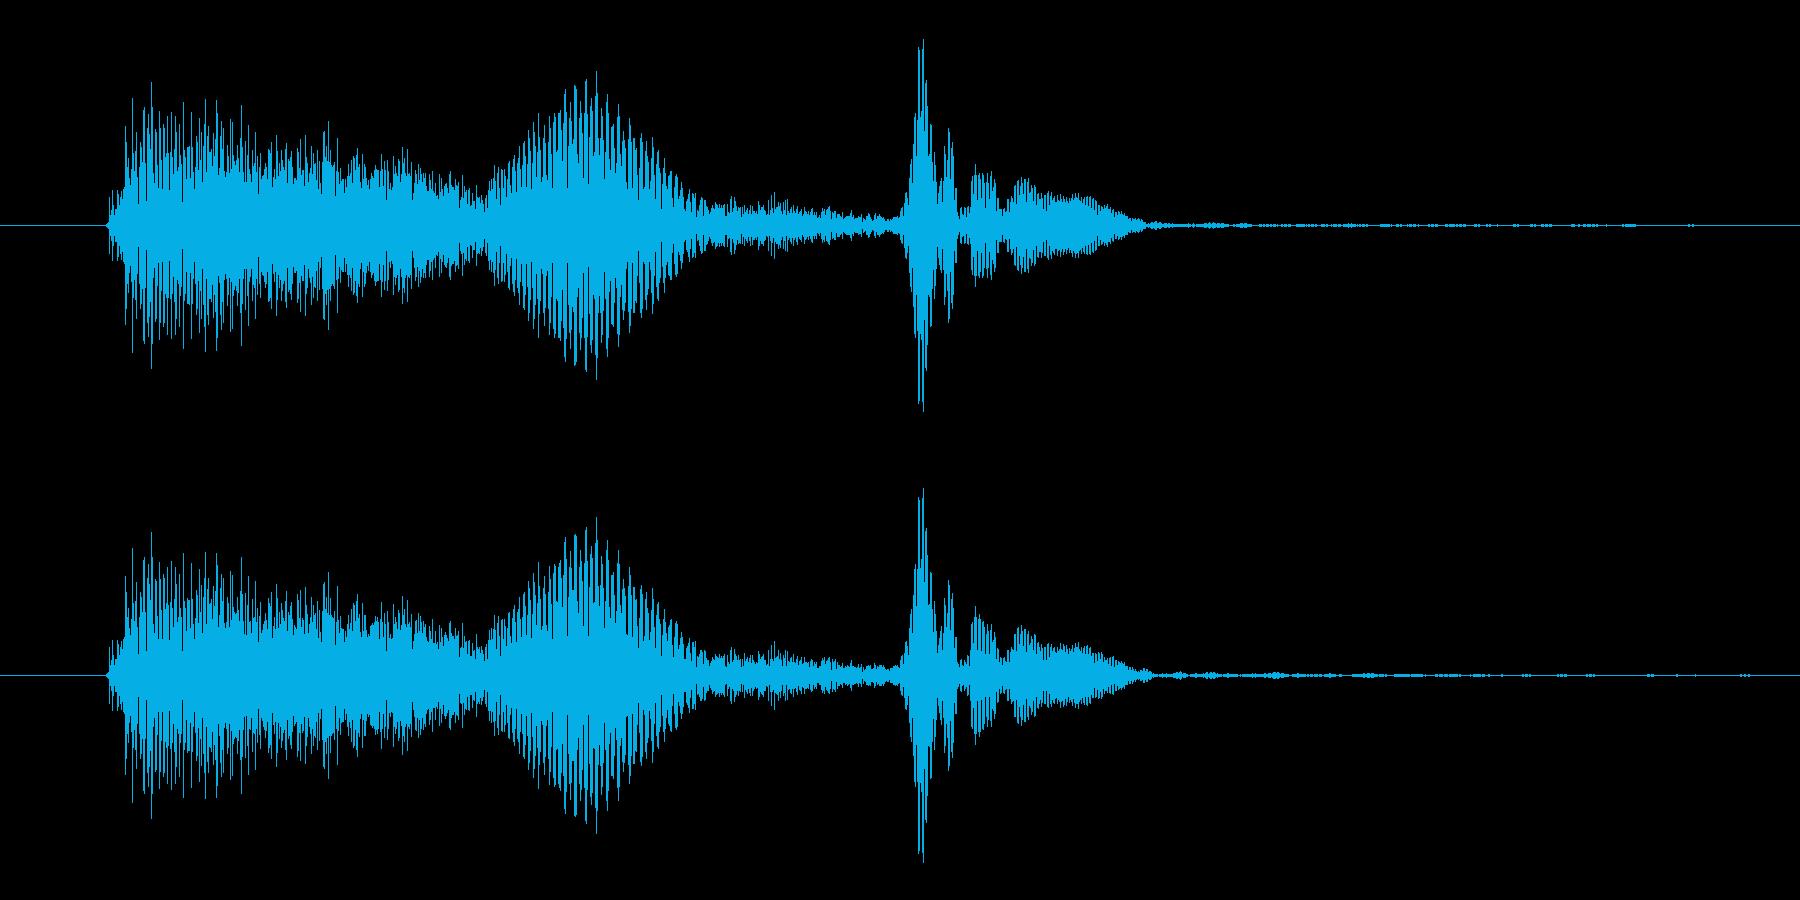 うふふ04(*´艸`*) 小悪魔系の再生済みの波形